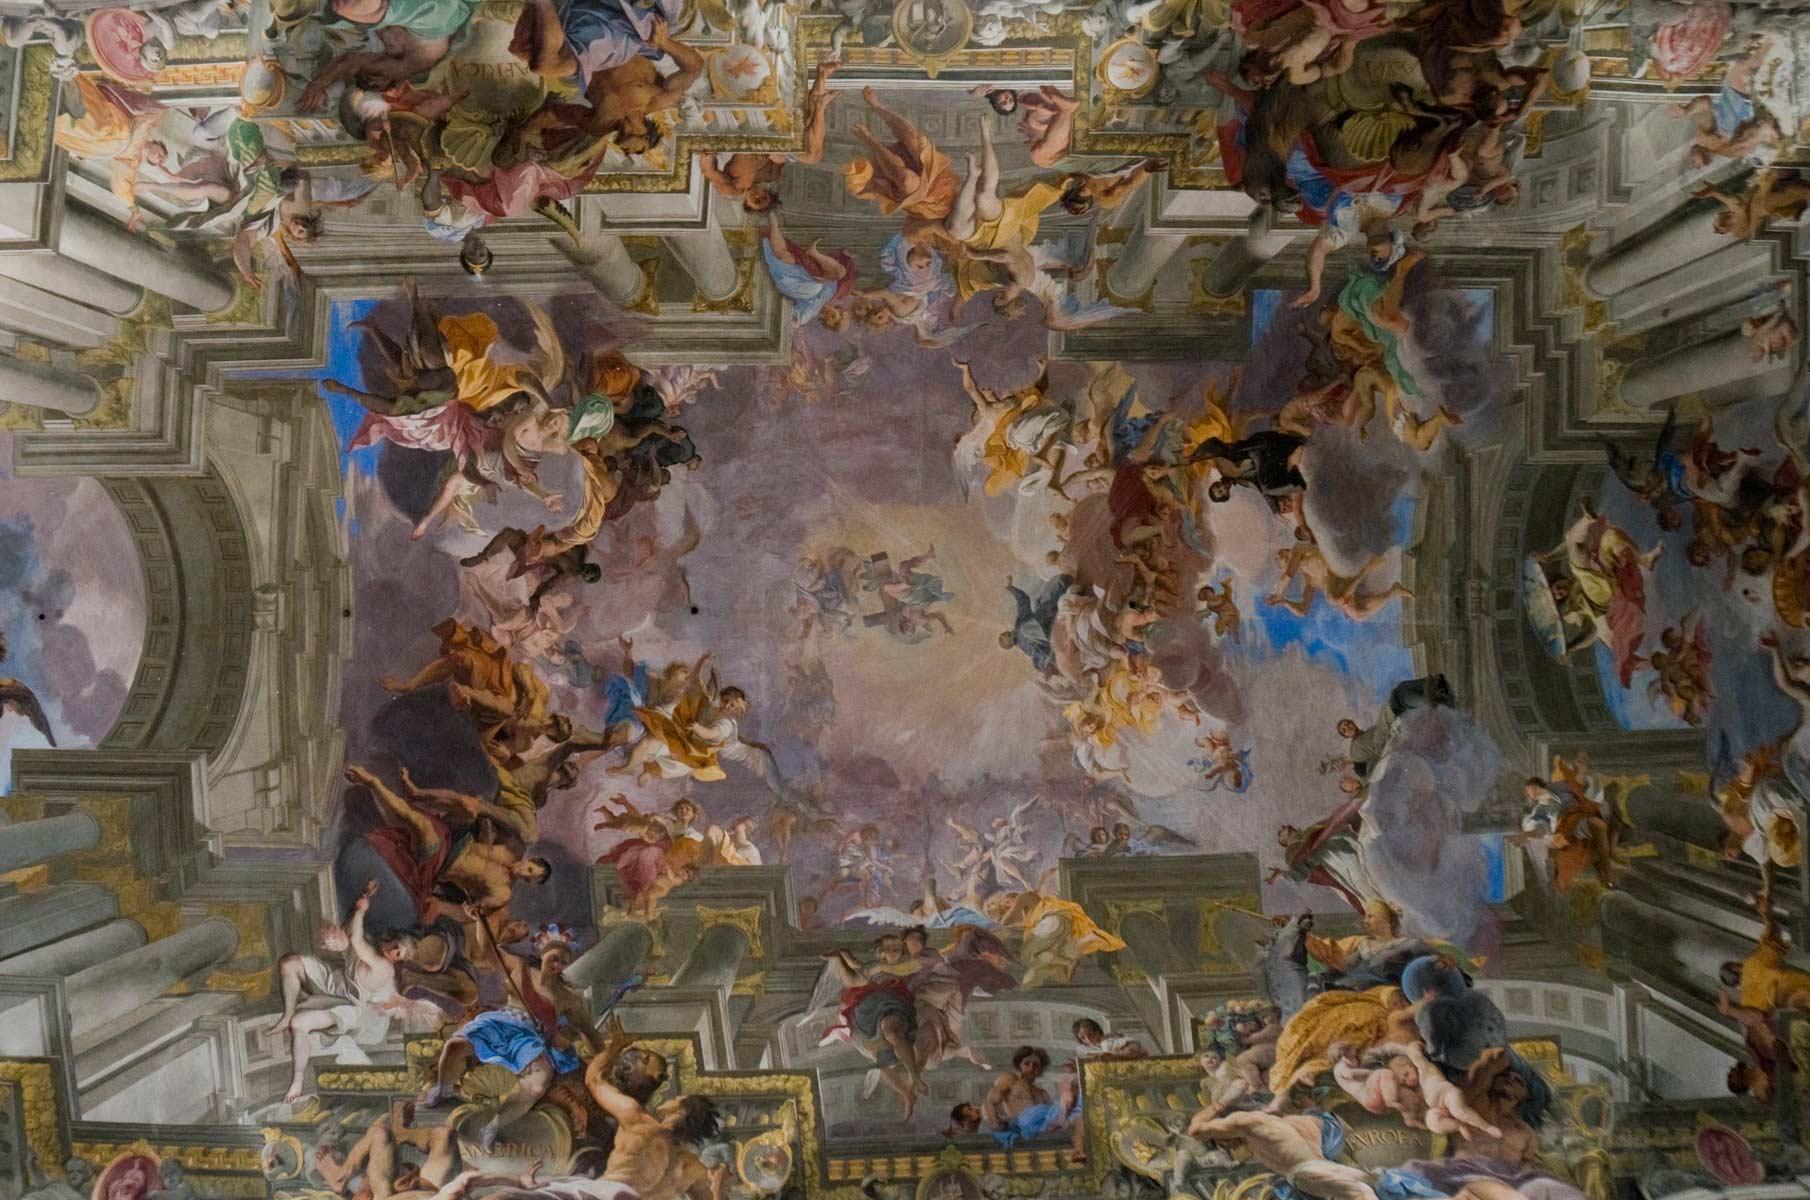 Deckenmalerei in der Kirche Sant'Ignazio di Loyola in Campo Marzio in Rom, Italien